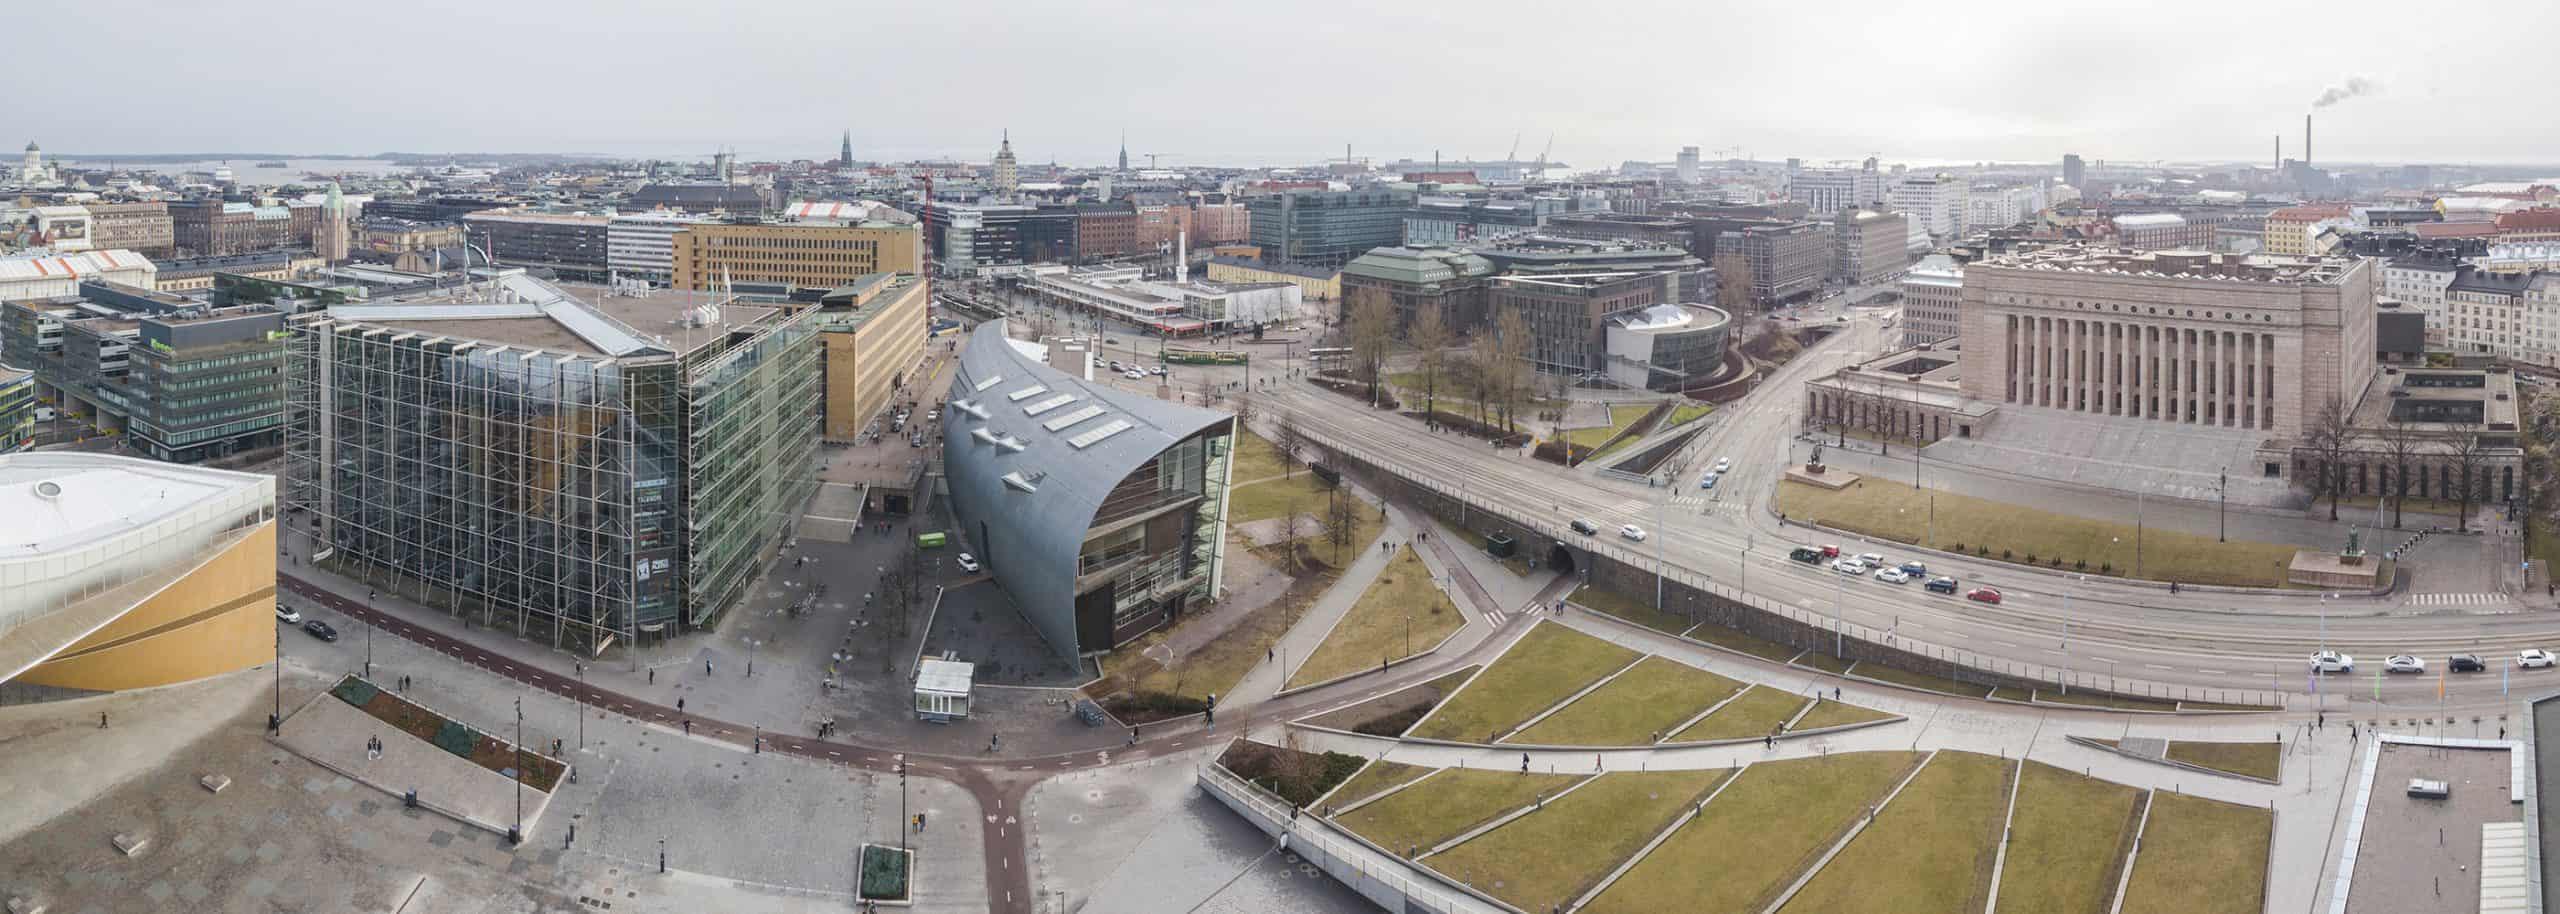 Marjut Uusmäe - Kuvia Helsingistä - Keskusta